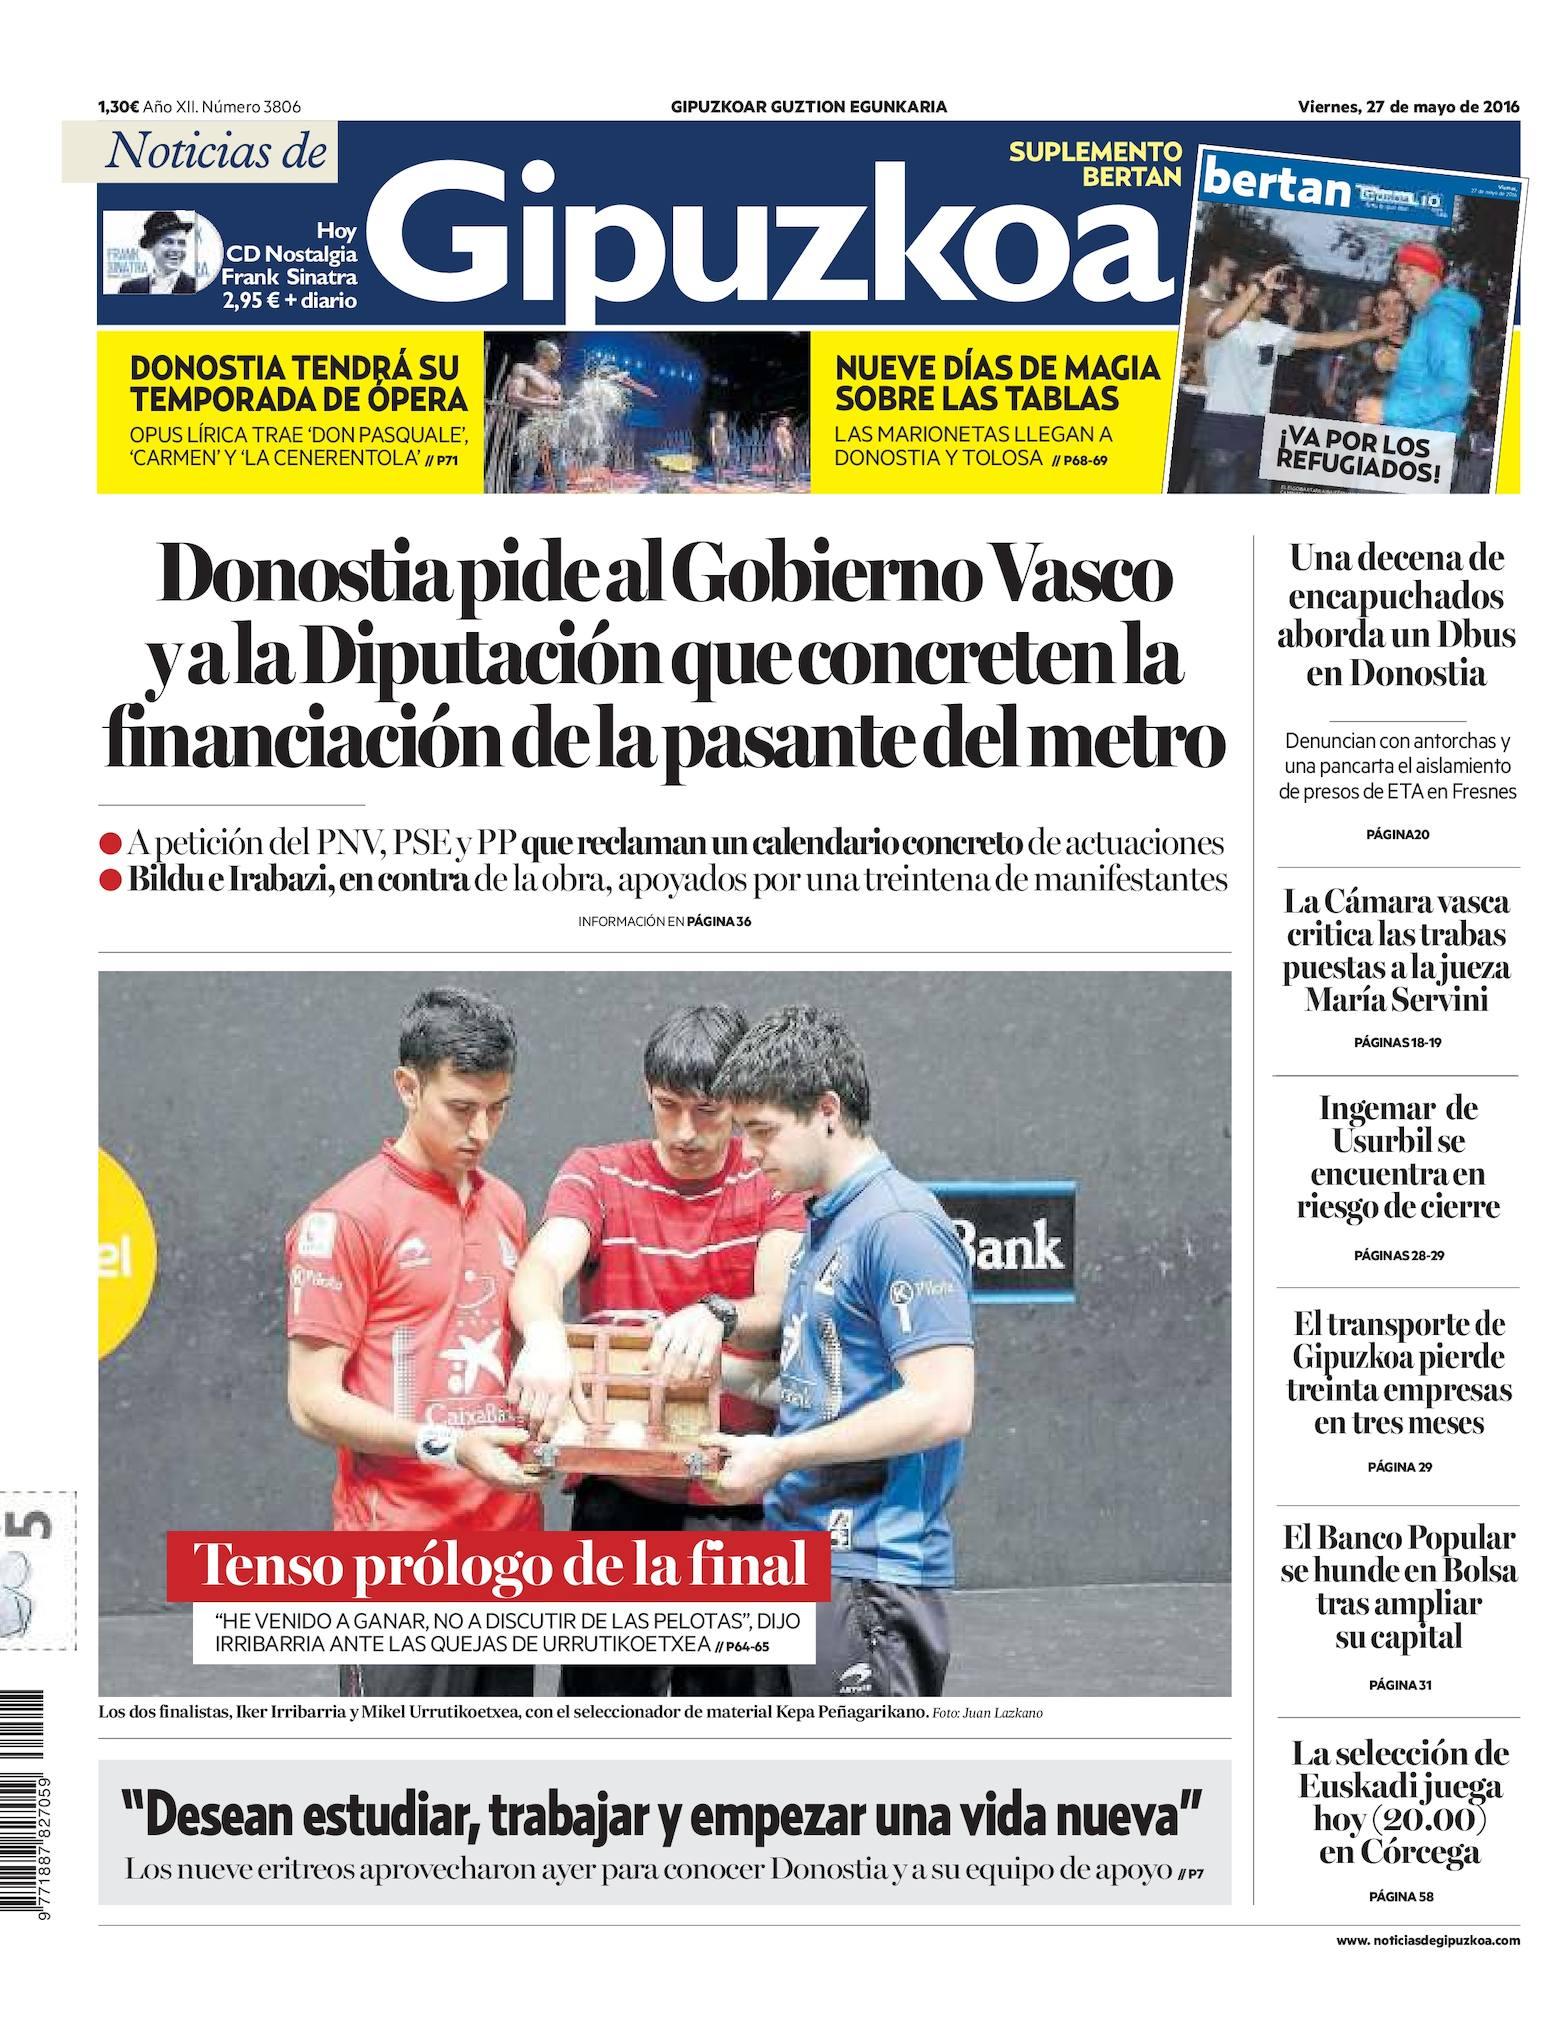 Calaméo - Noticias de Gipuzkoa 20160527